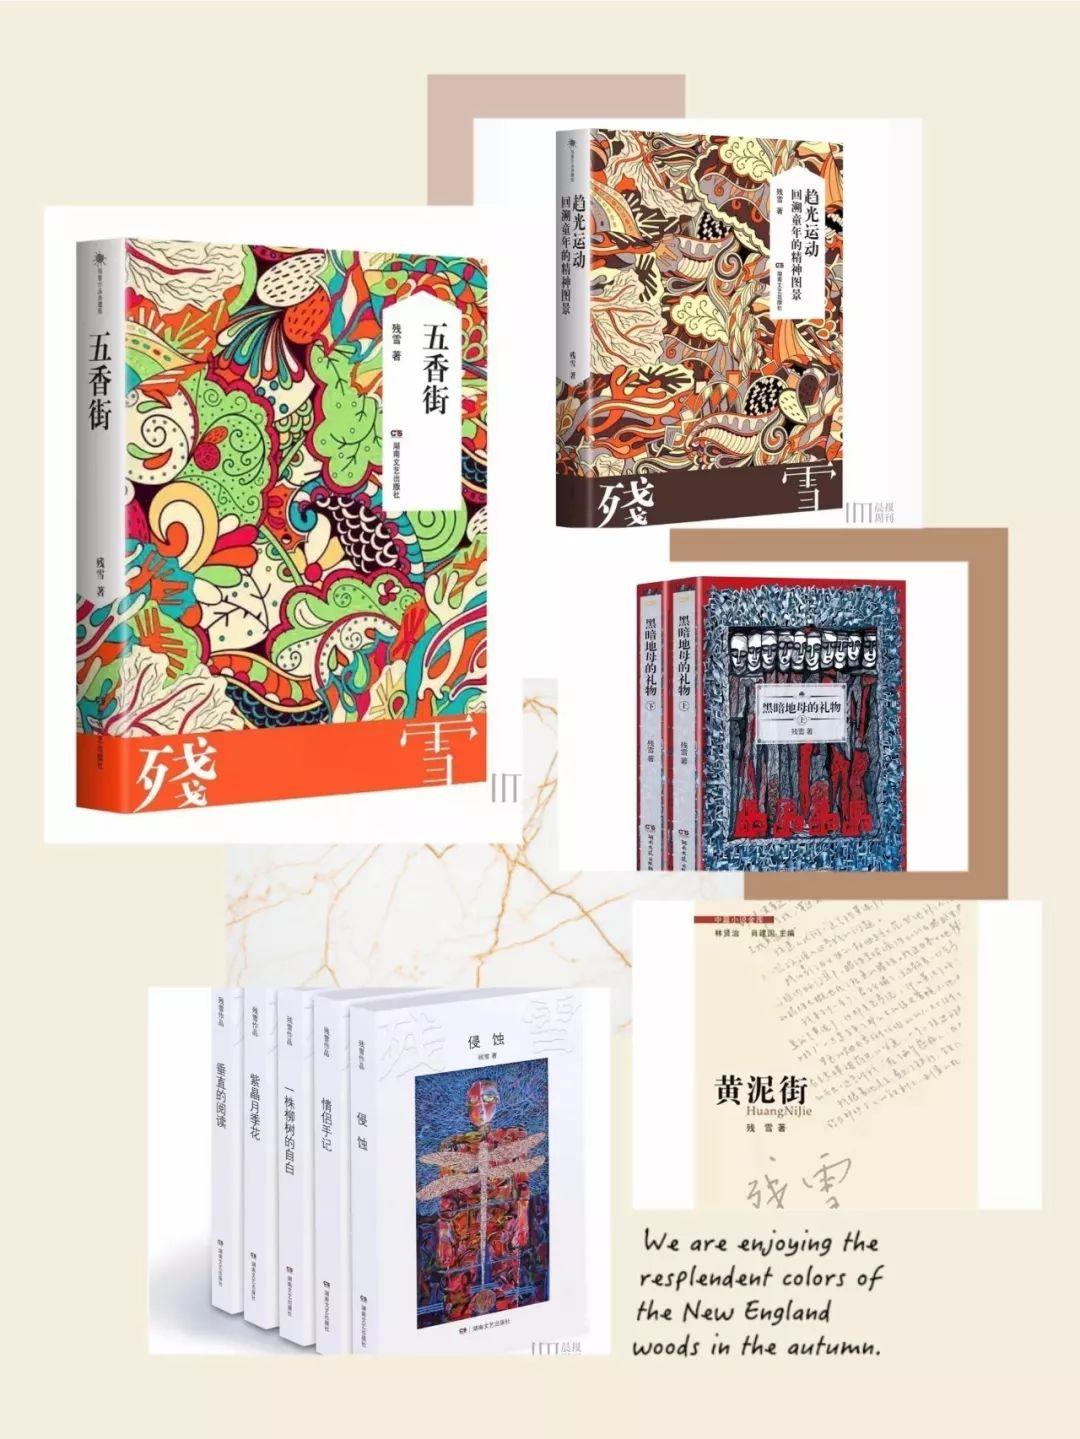 湖南女作家残雪获诺贝尔文学奖提名 高居第三位 新湖南www.hunanabc.com